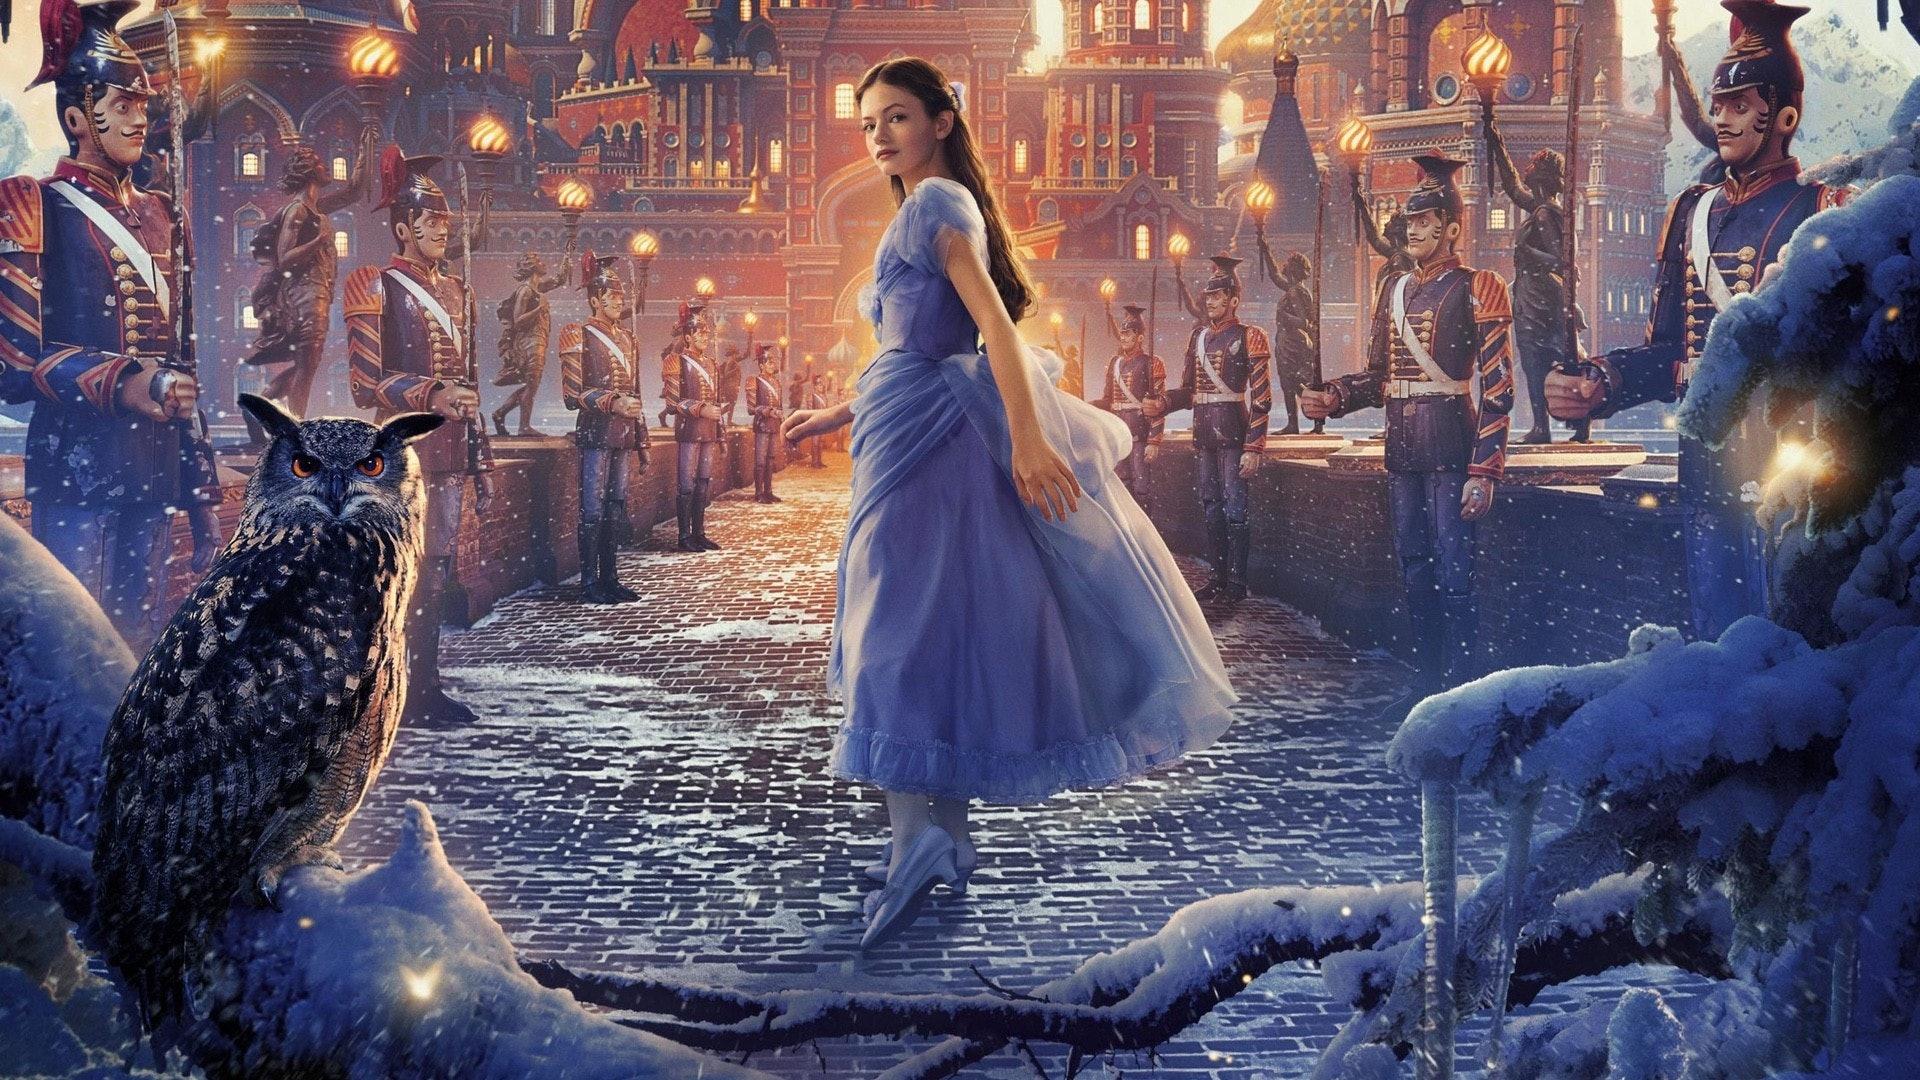 經典胡桃鉗童話今年以《胡桃鉗與奇幻四國》之姿再登大銀幕。